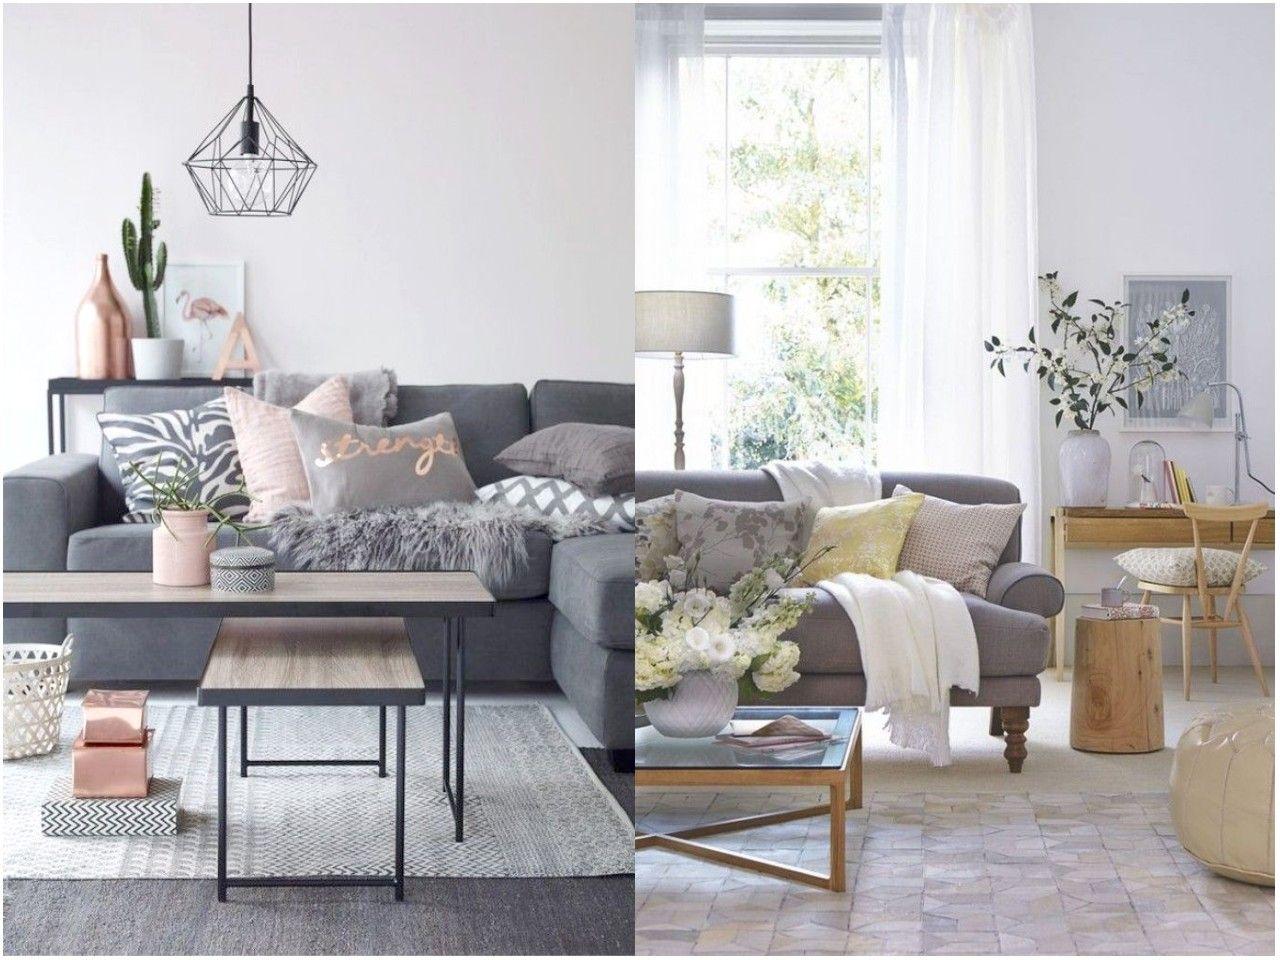 Sofa gris oscuro buscar con google revestimiento for Combinar sofa gris marengo